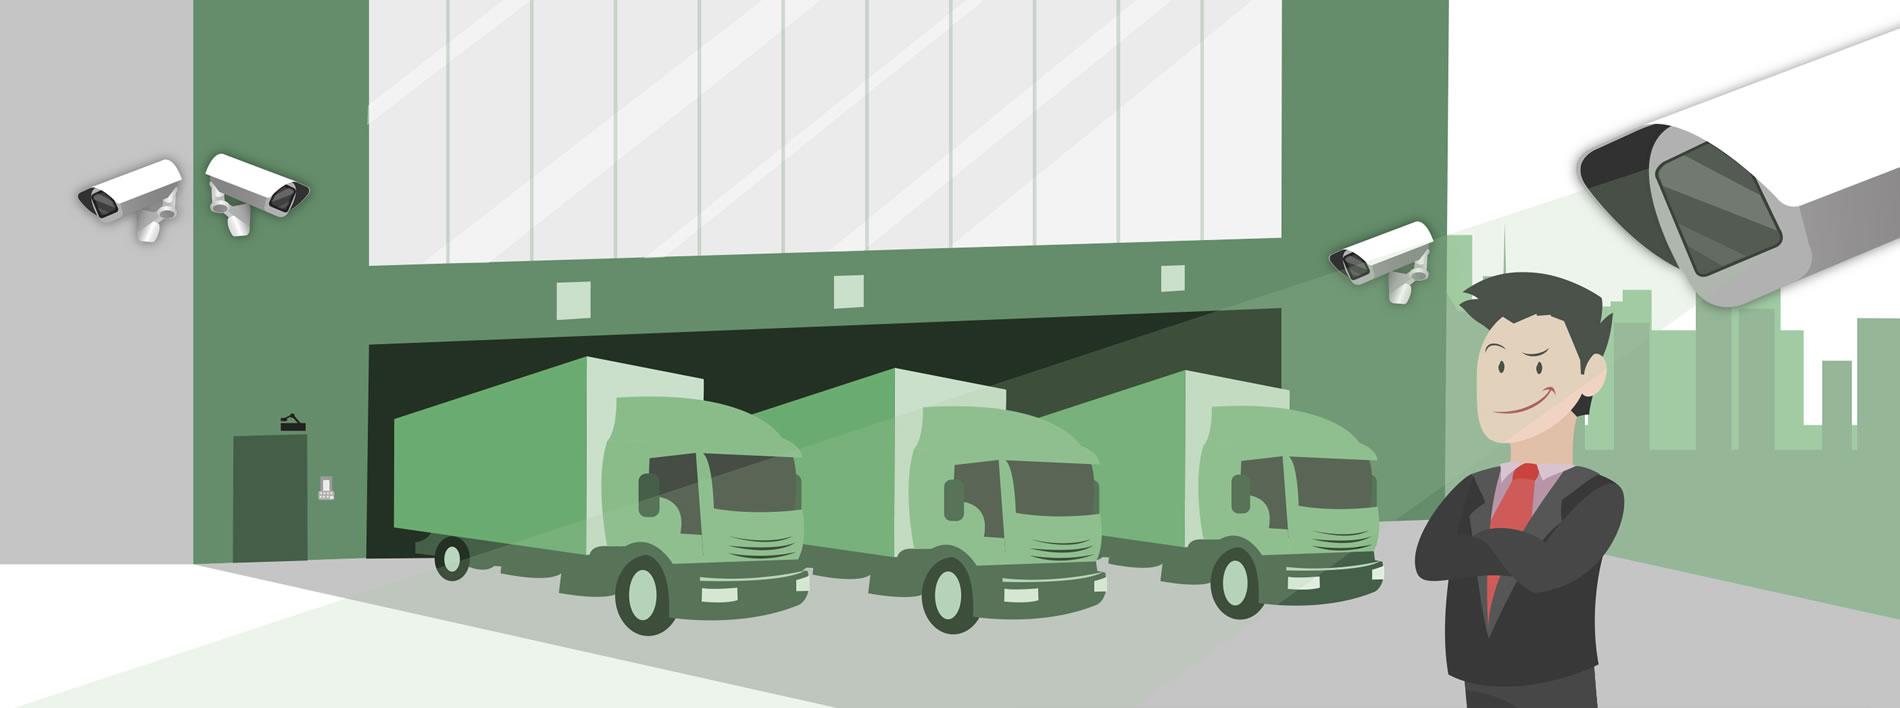 camaras de seguridad para empresas y comercio